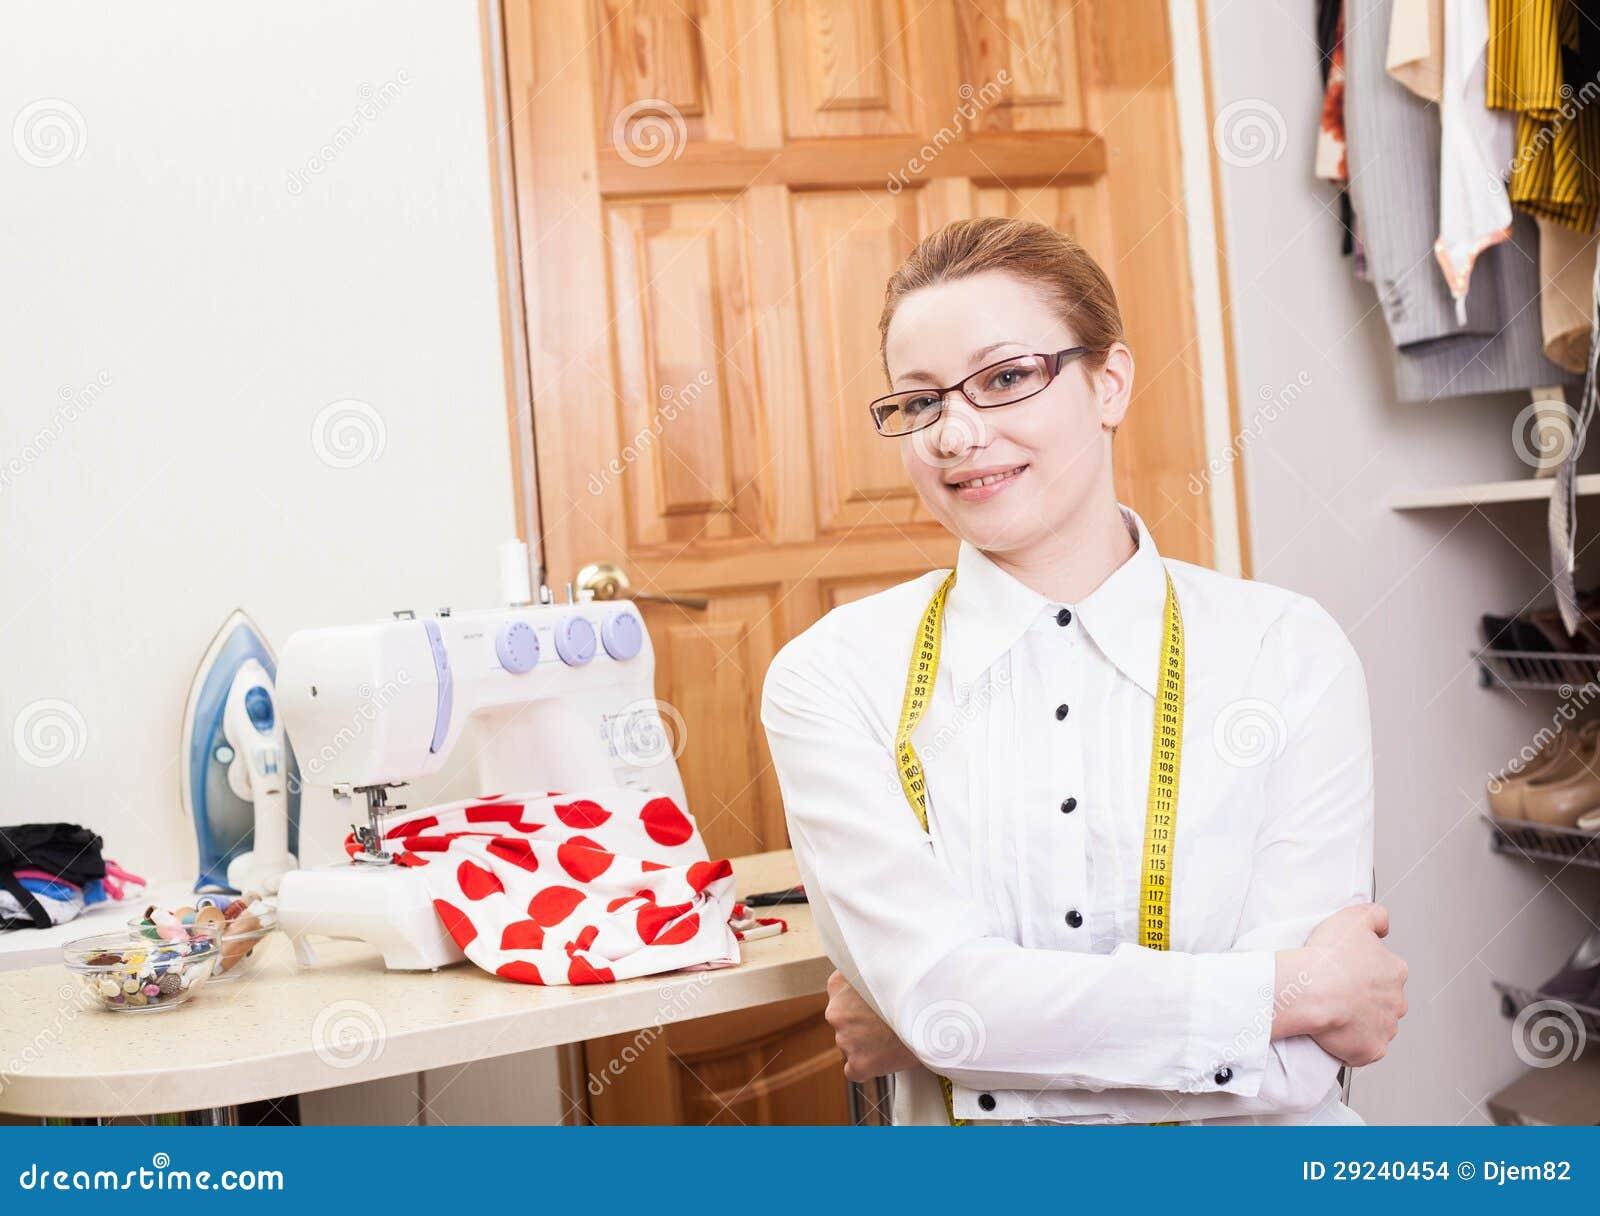 Download Costureira de sorriso foto de stock. Imagem de adulto - 29240454